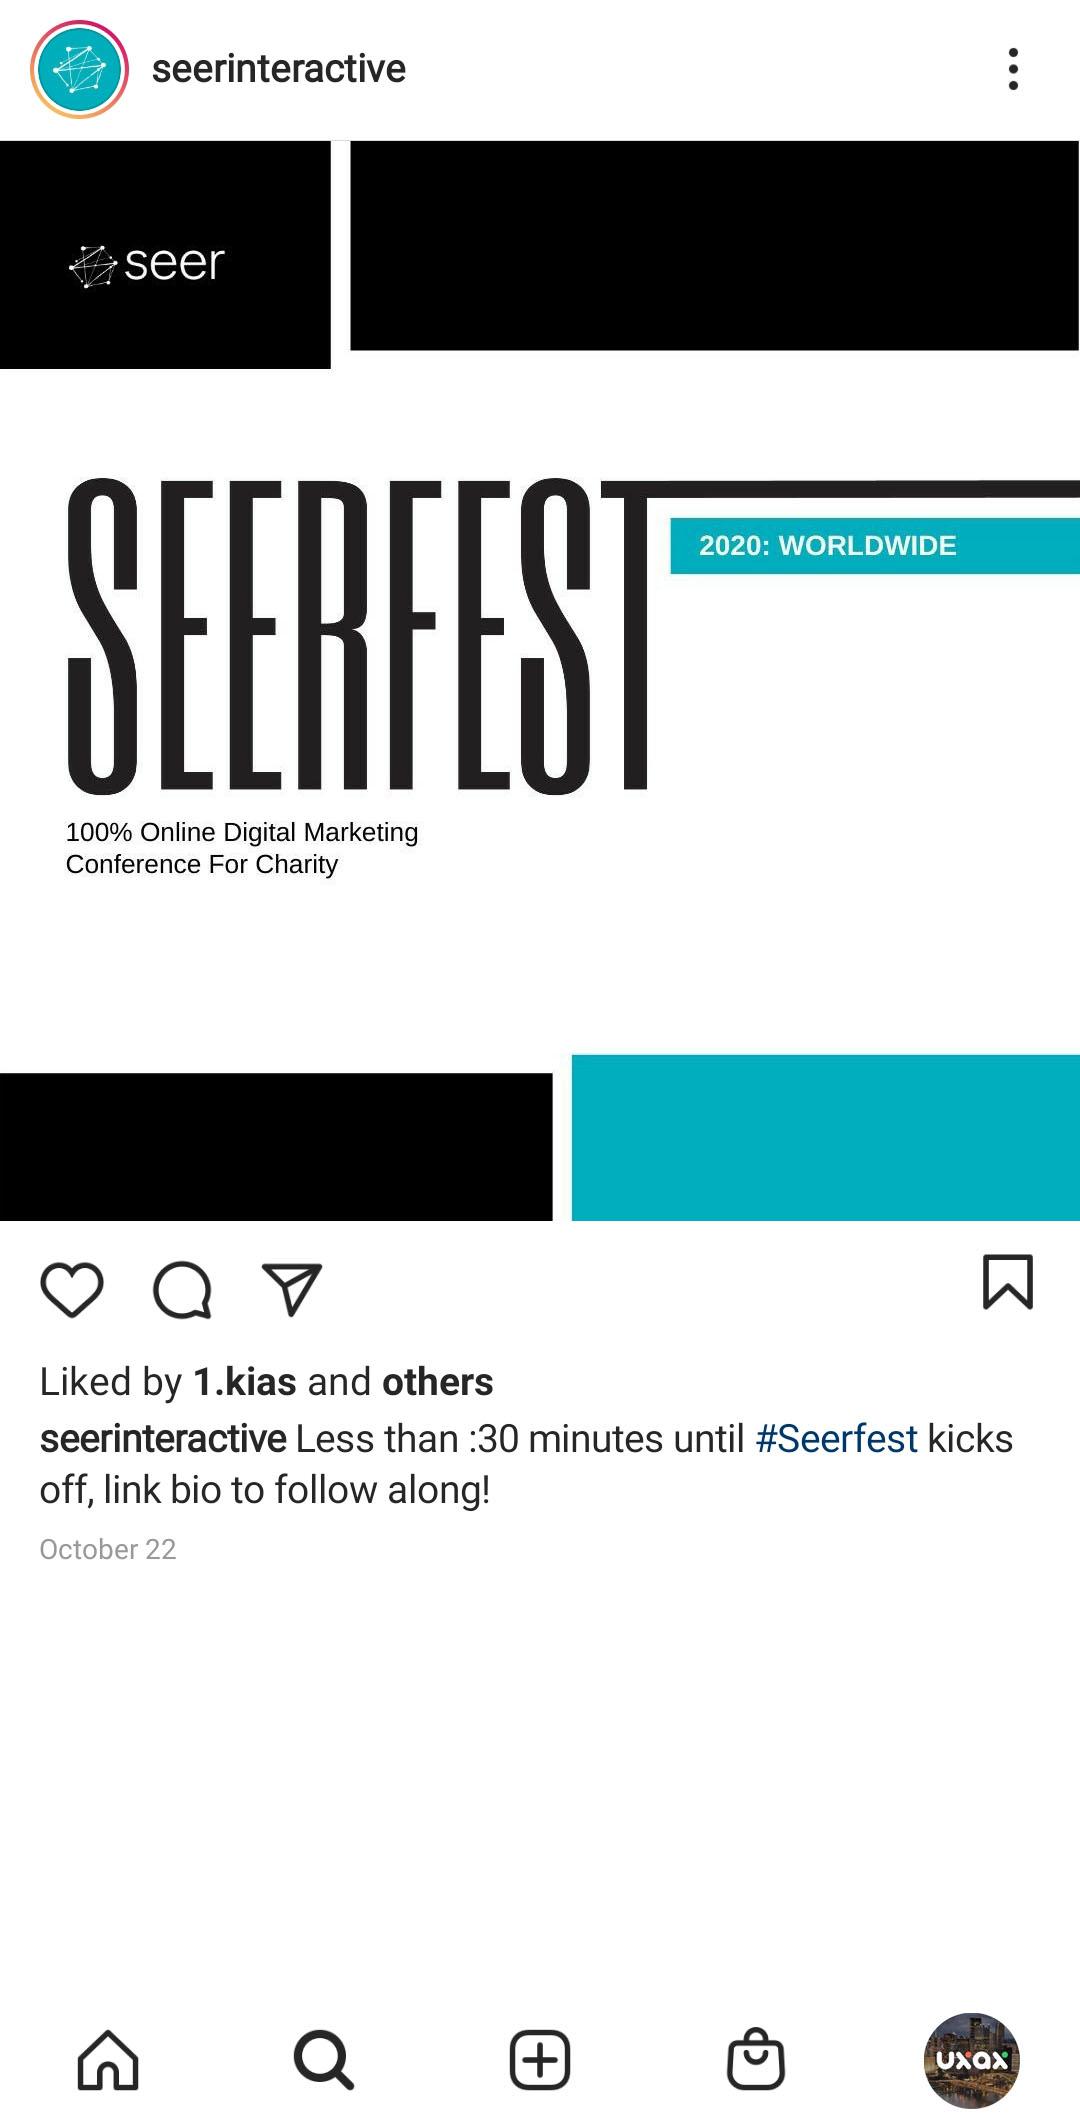 Seer Interactive Instagram